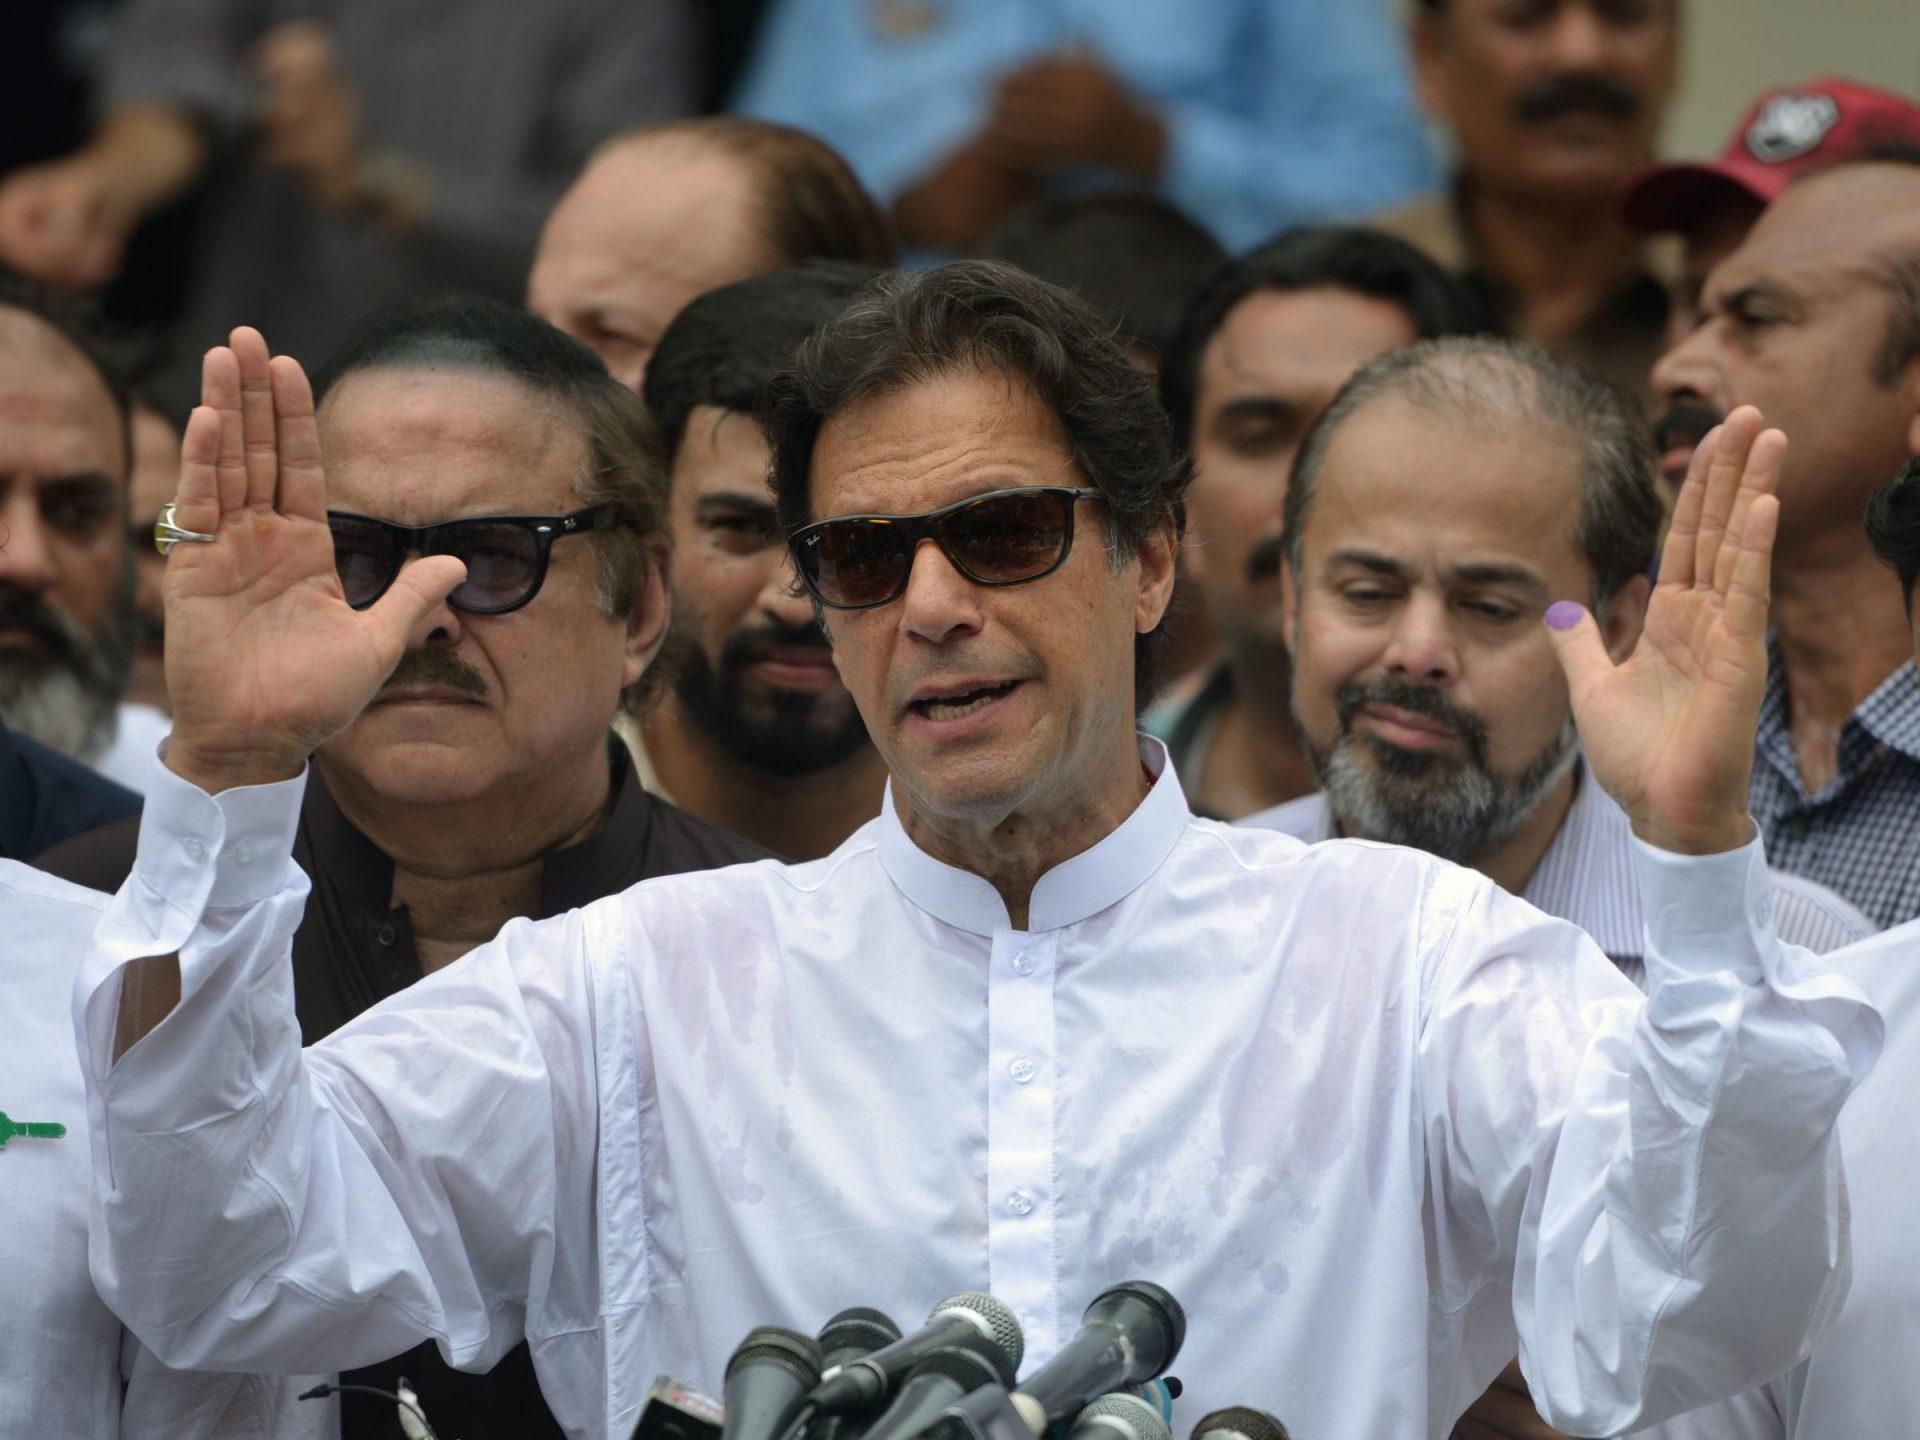 L'ancien capitaine de l'équipe nationale de cricket, Imran Khan est devenue le 19ème Premier ministre du Pakistan le 11 août 2018. (Source : 91.3 WESM)